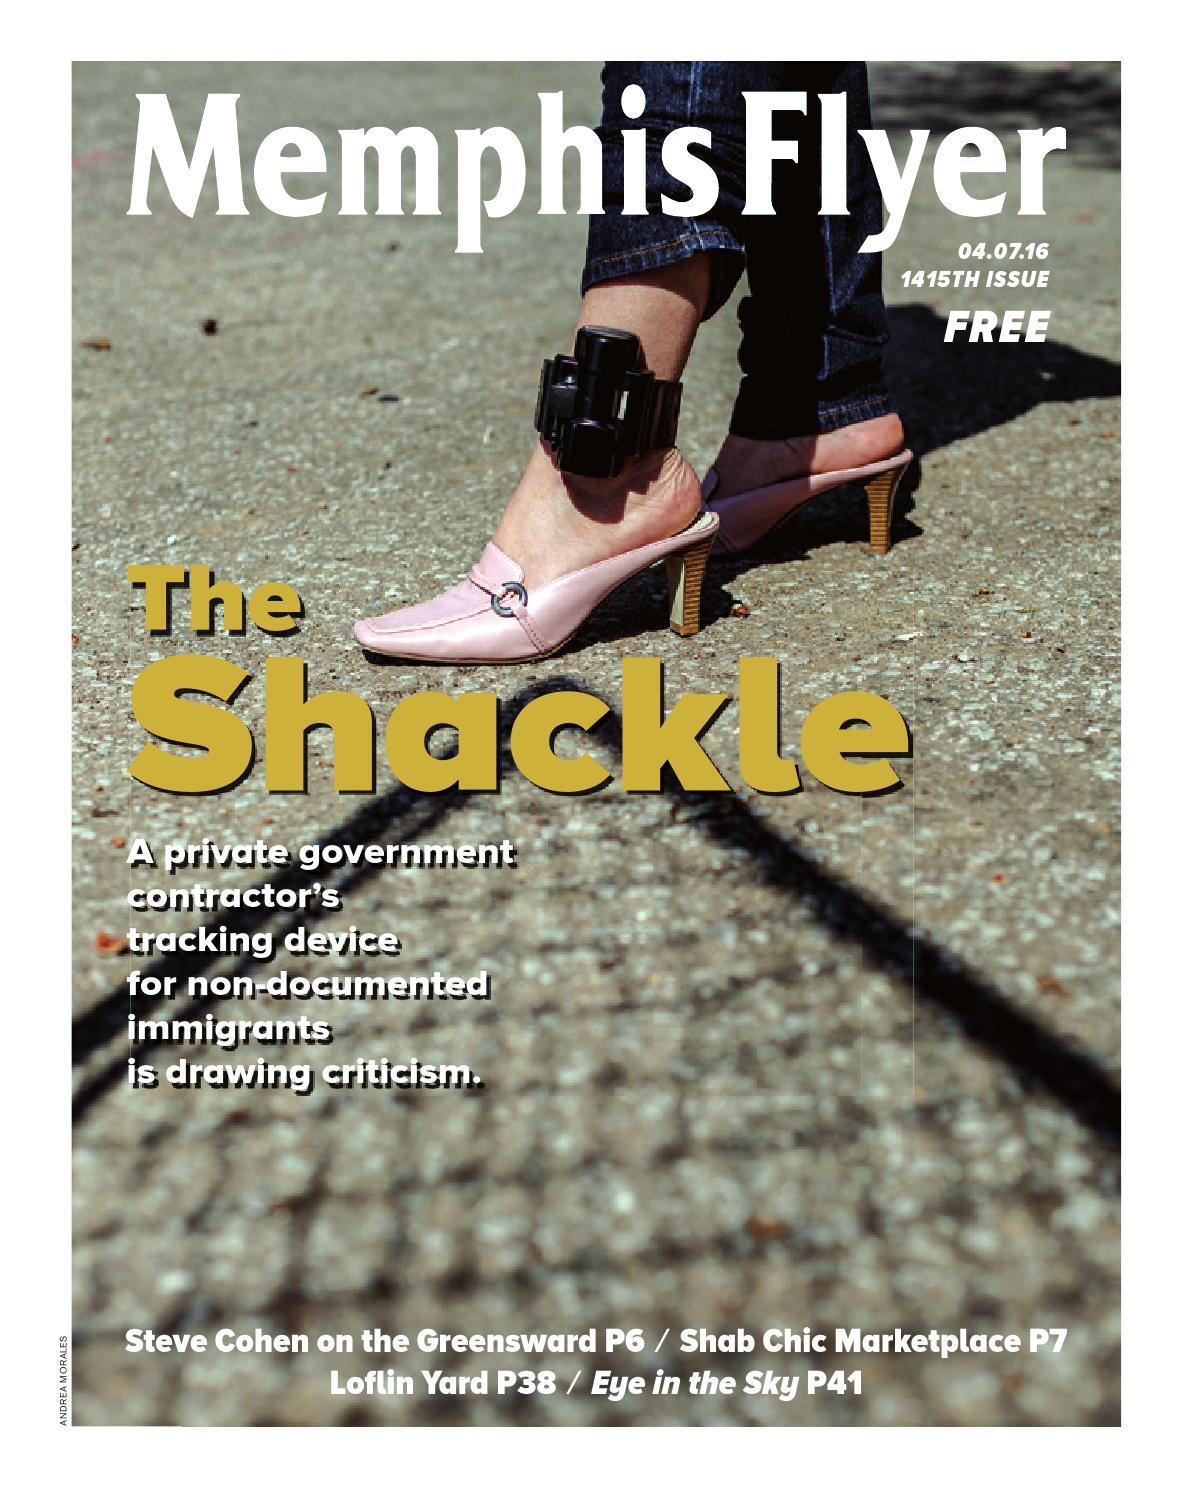 c7125e849e5 Memphis Flyer 4.07.16 by Contemporary Media - issuu